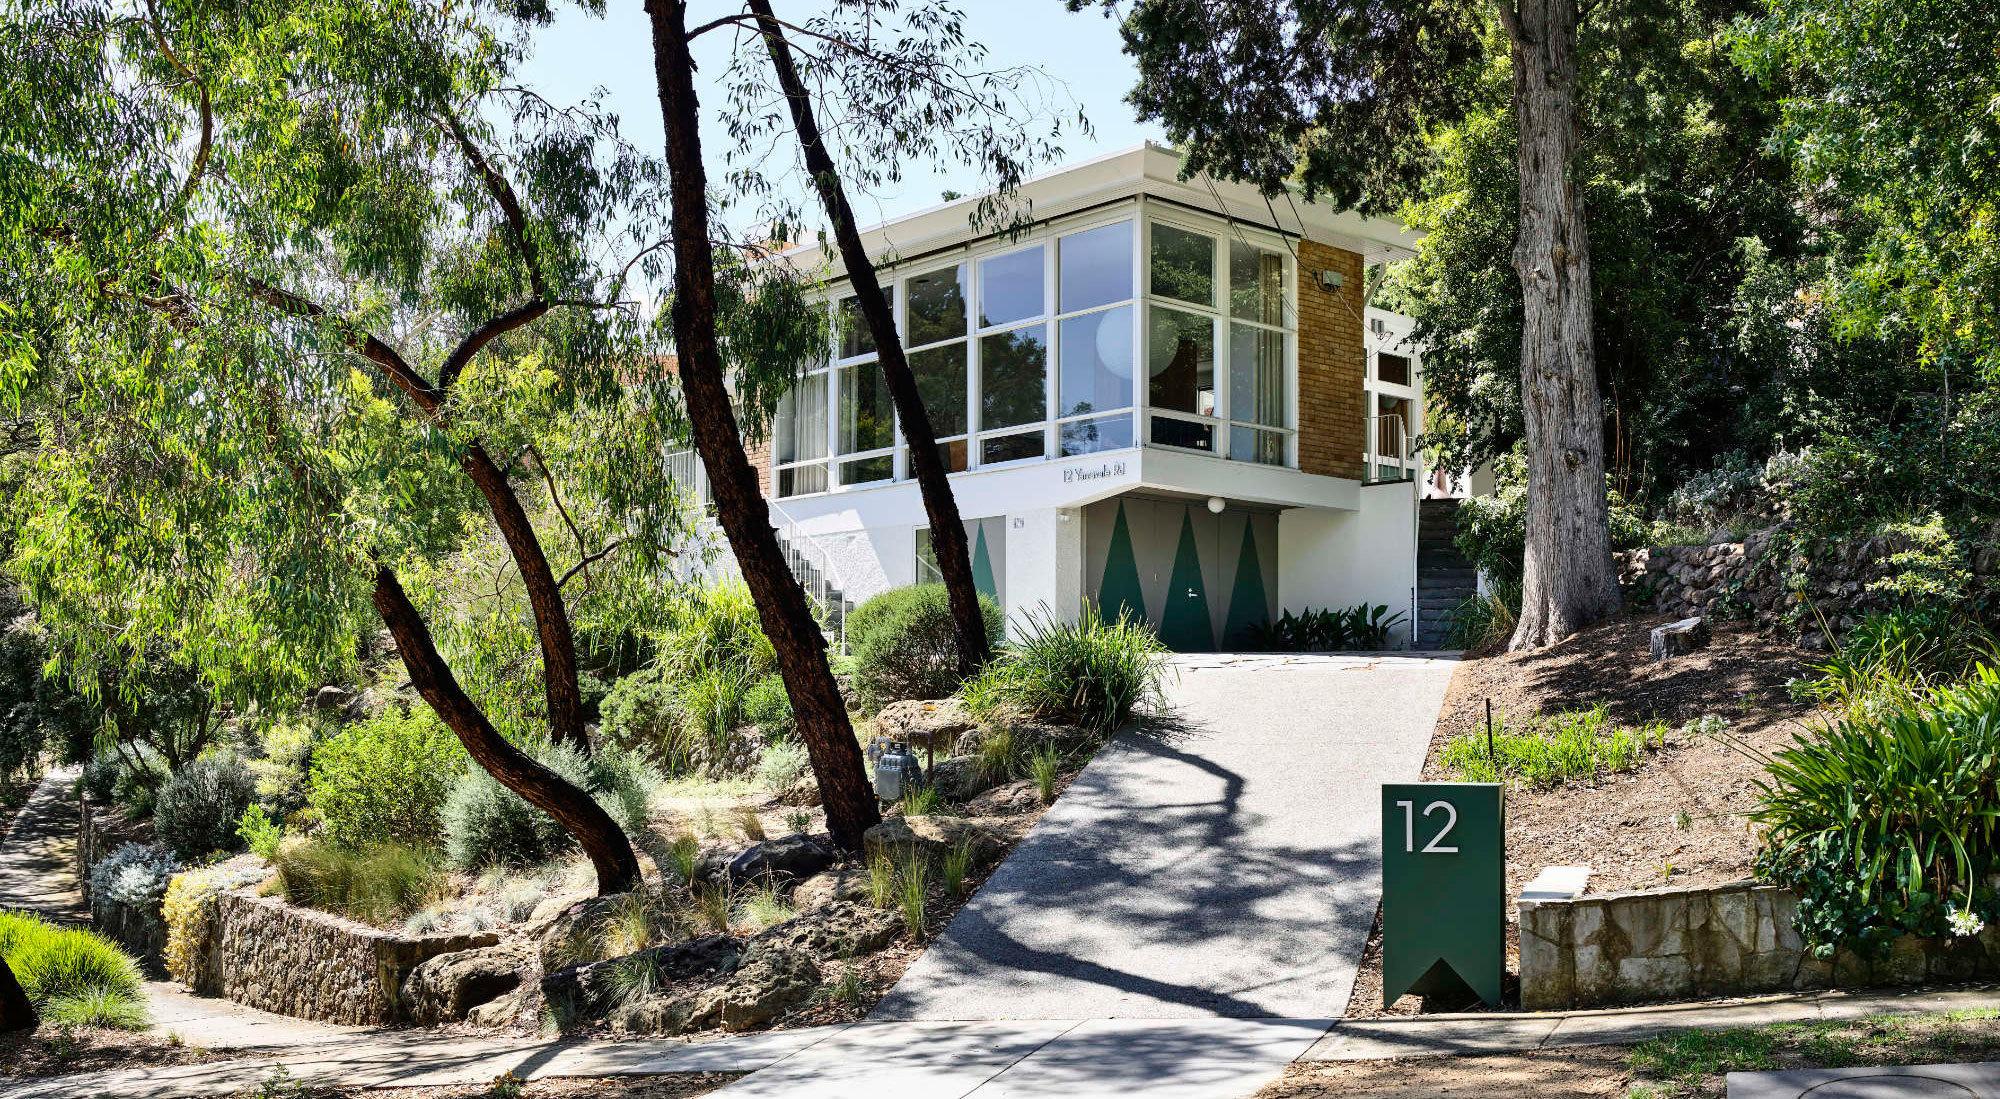 Mit geschickten Erweiterungen, Holzeinbauten und viel Grün im Innenraum hat das Büro Kennedy Nolan das modernistische Gebäude des Architekten Anatol Kagan mit der Natur verbunden.